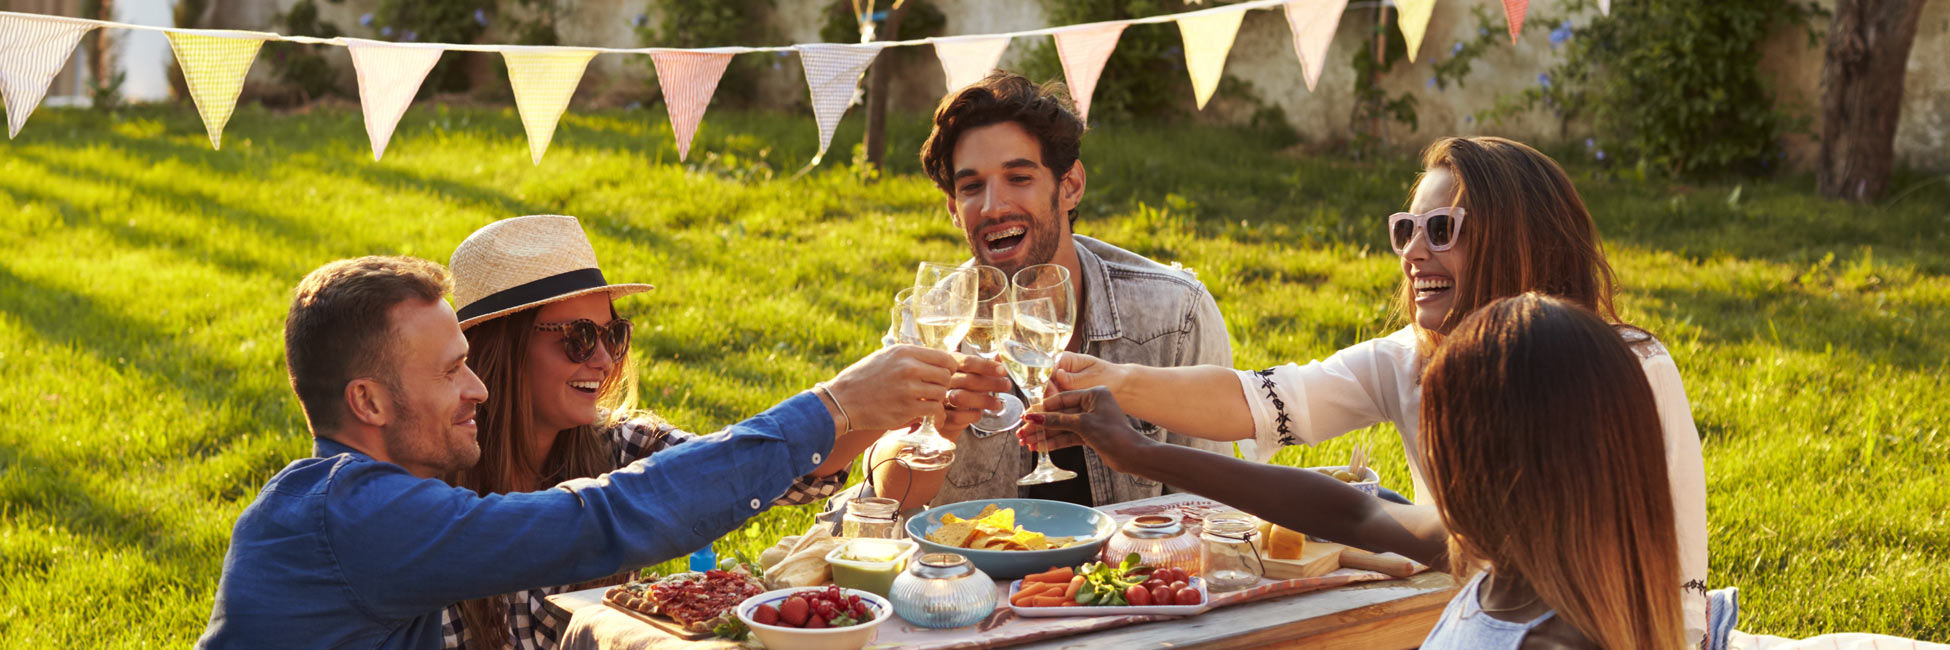 Freunde machen gemeinsam ein Picknick im Garten